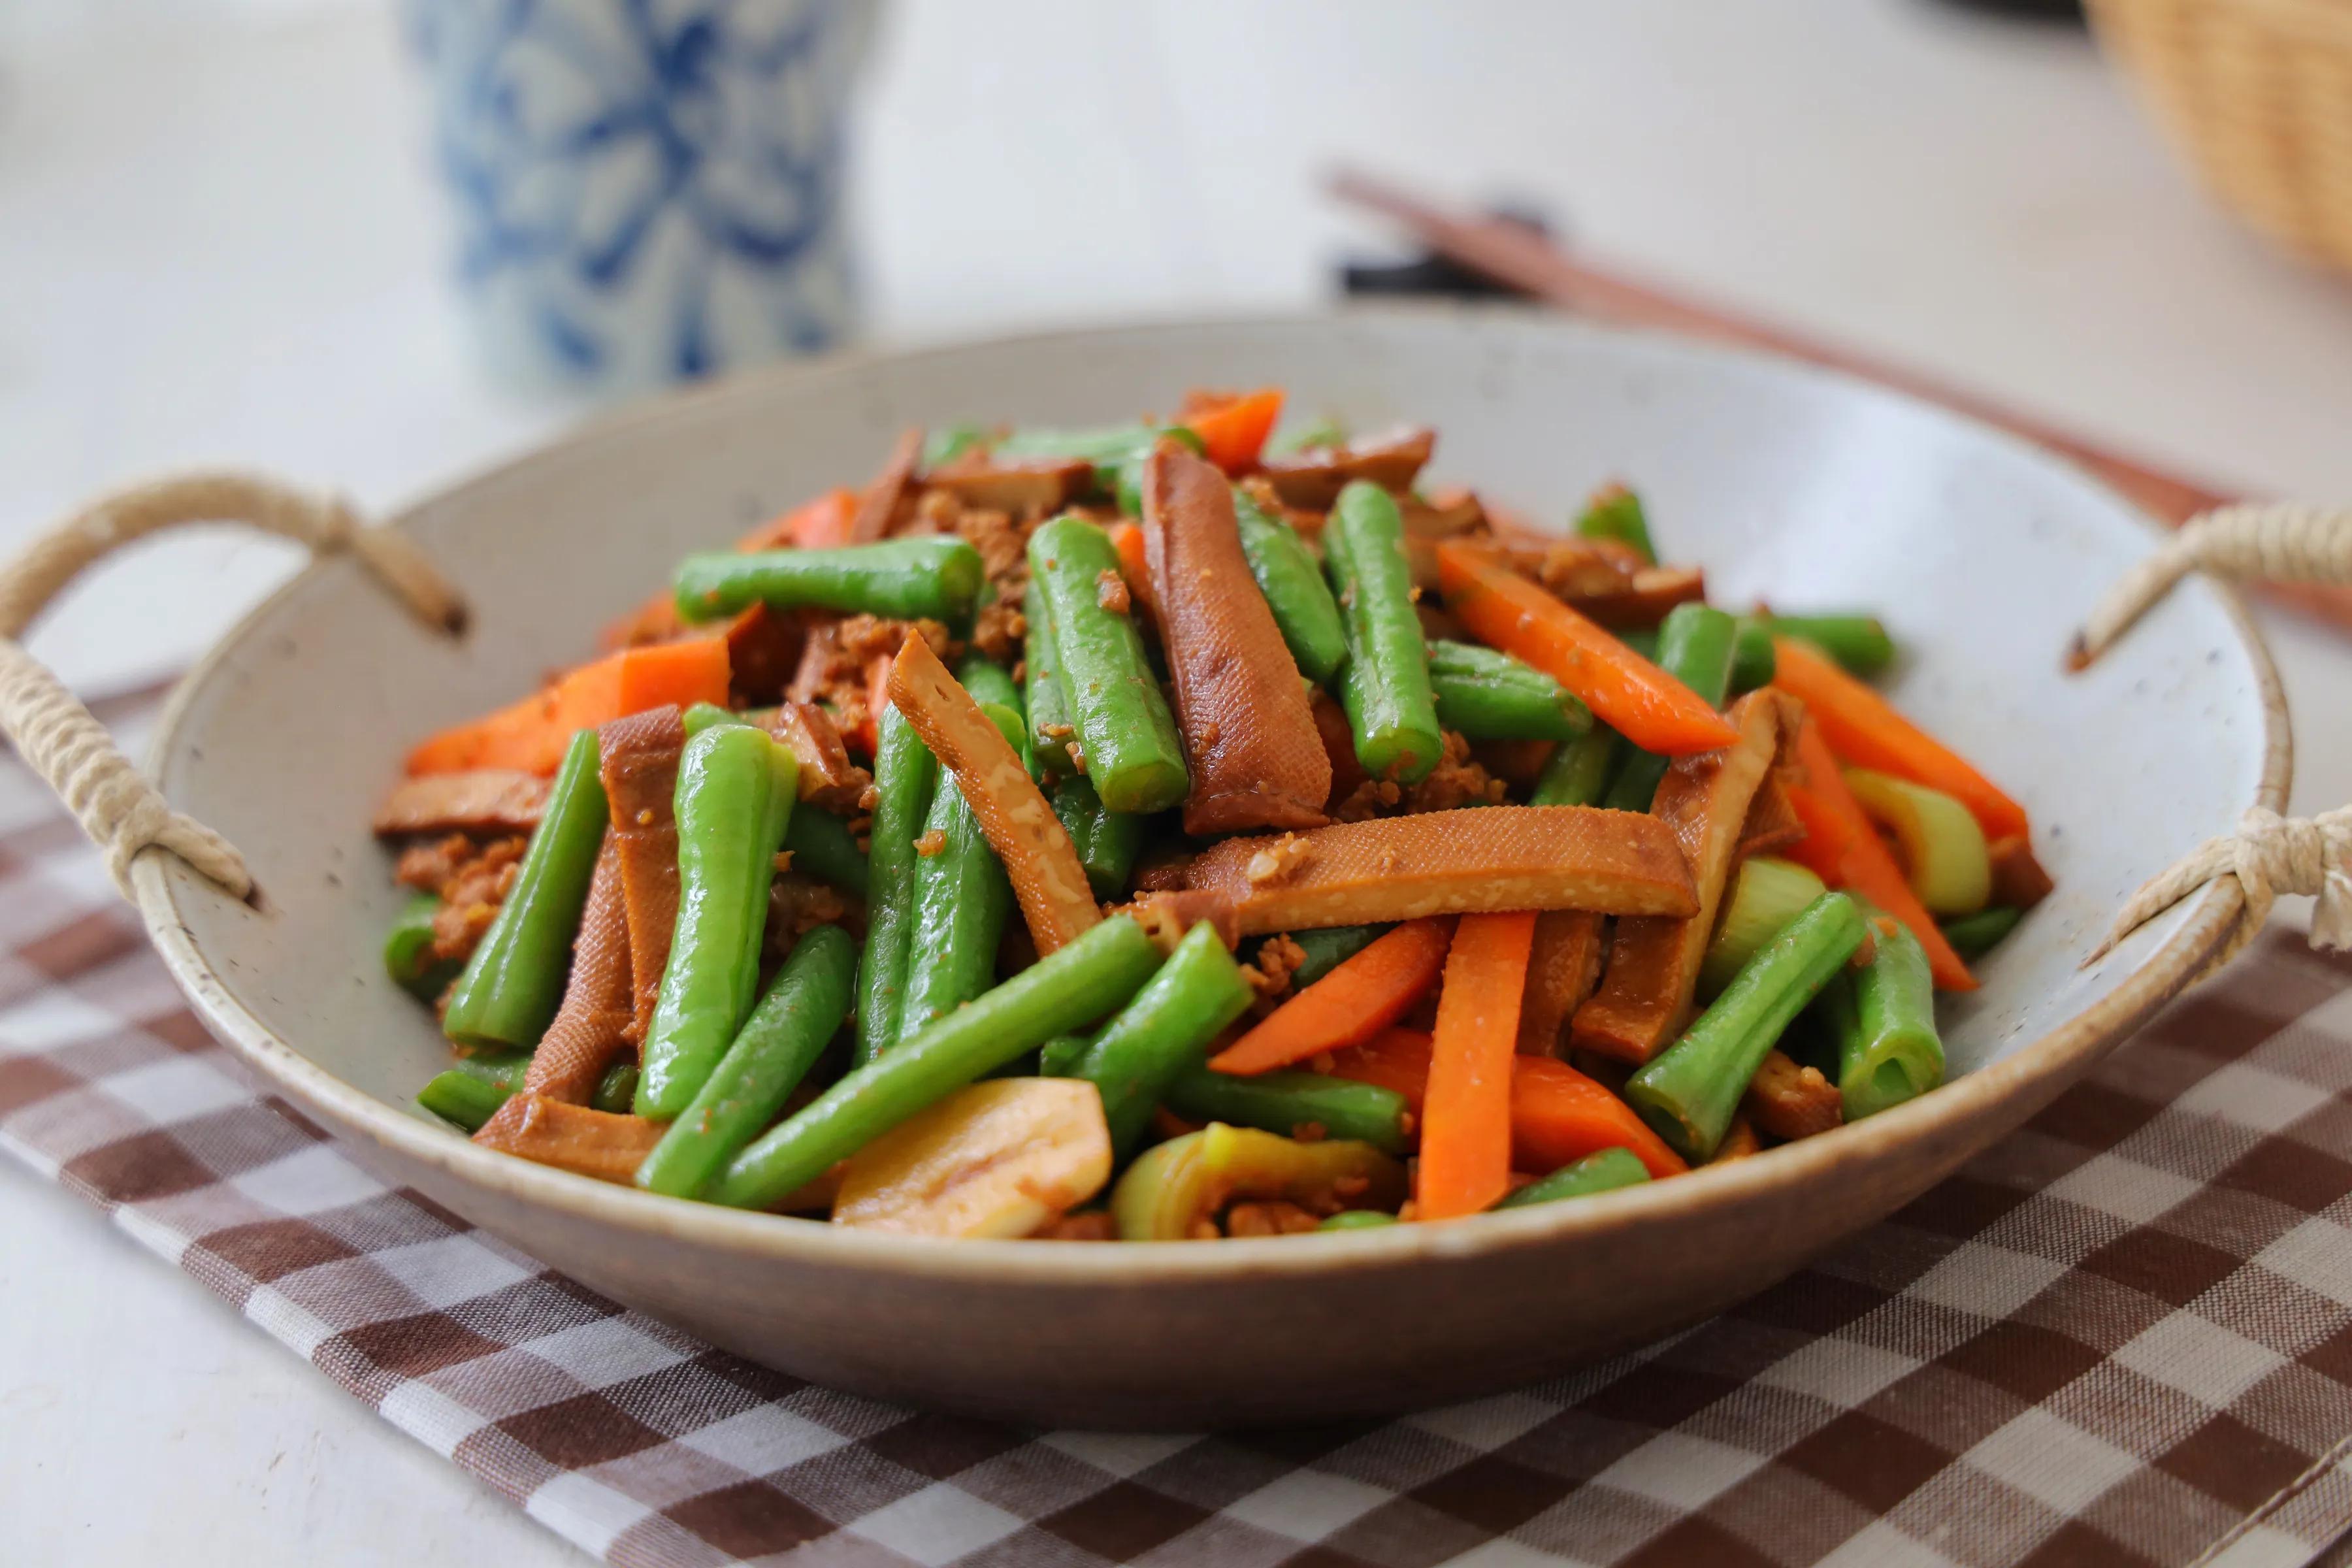 天气热,晚餐要多吃这道家常菜,营养丰富好下饭,多吃也无负担 美食做法 第2张